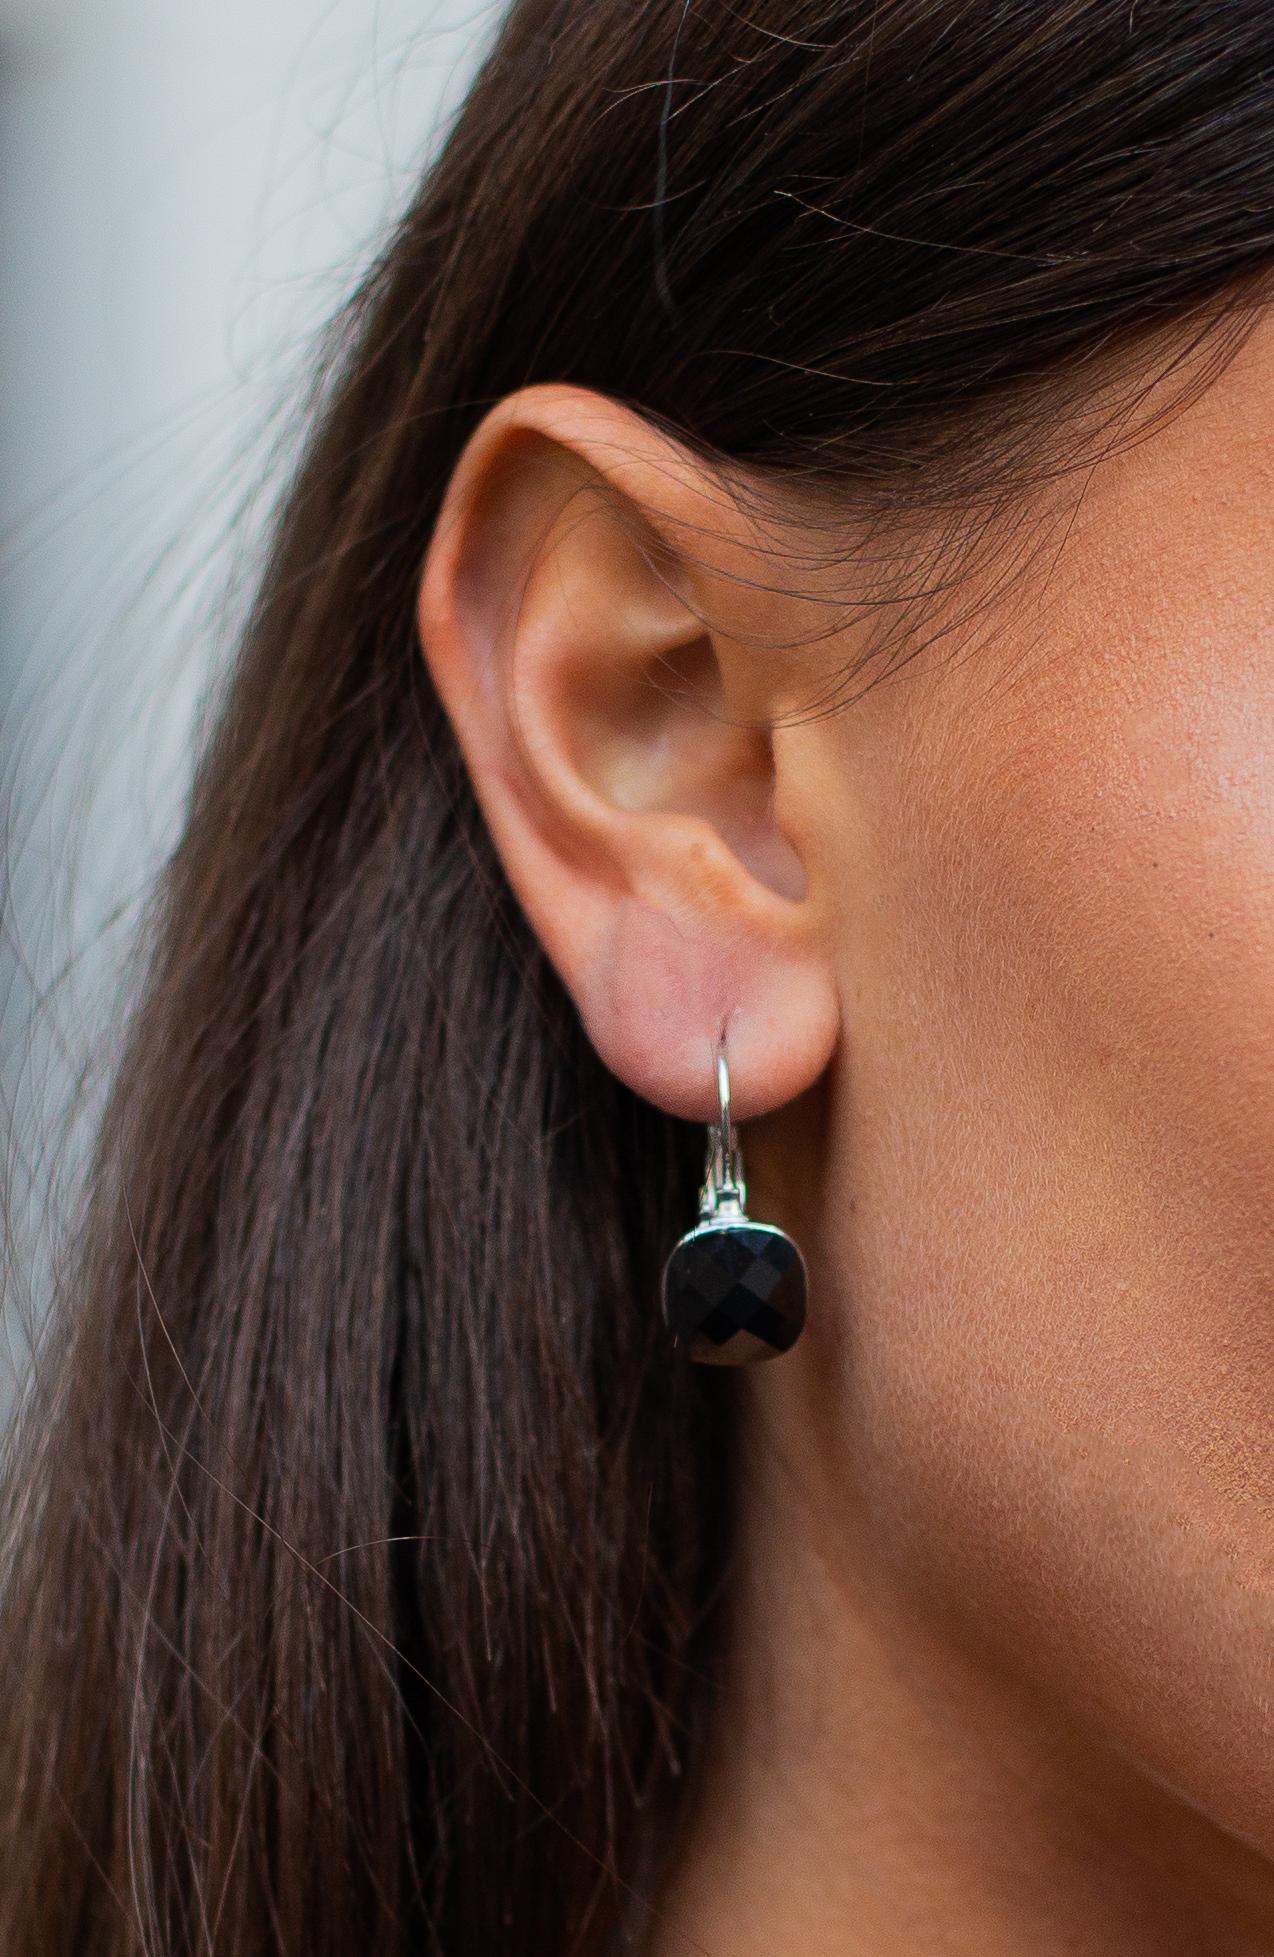 Cara-Crystal-Earrings-Black-2